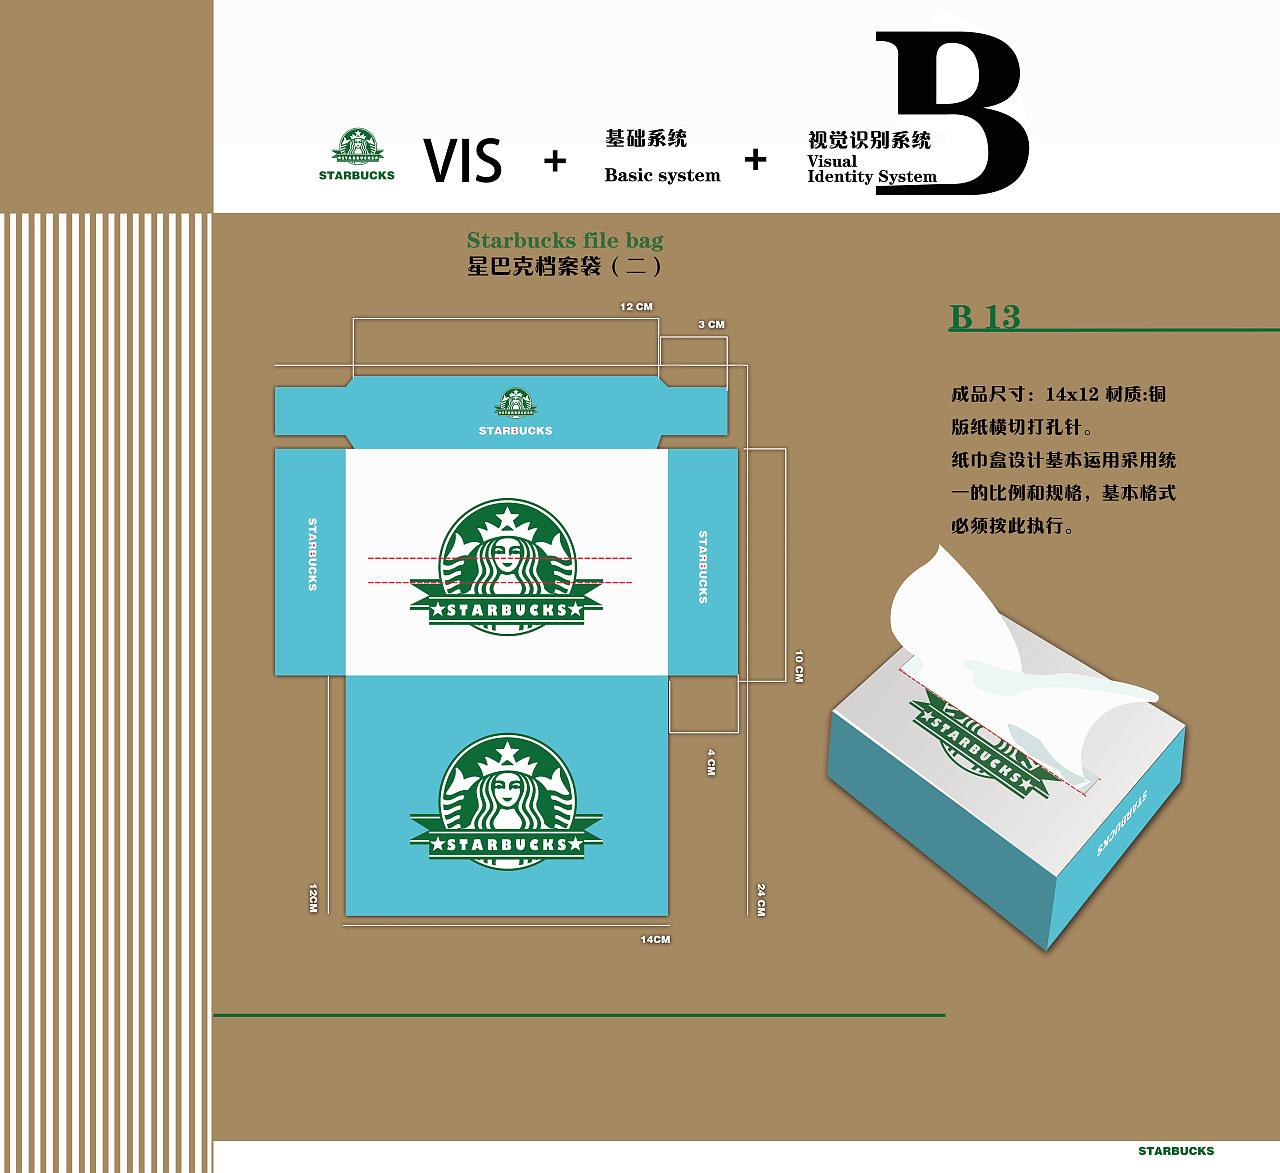 星巴克 vi 设计图片